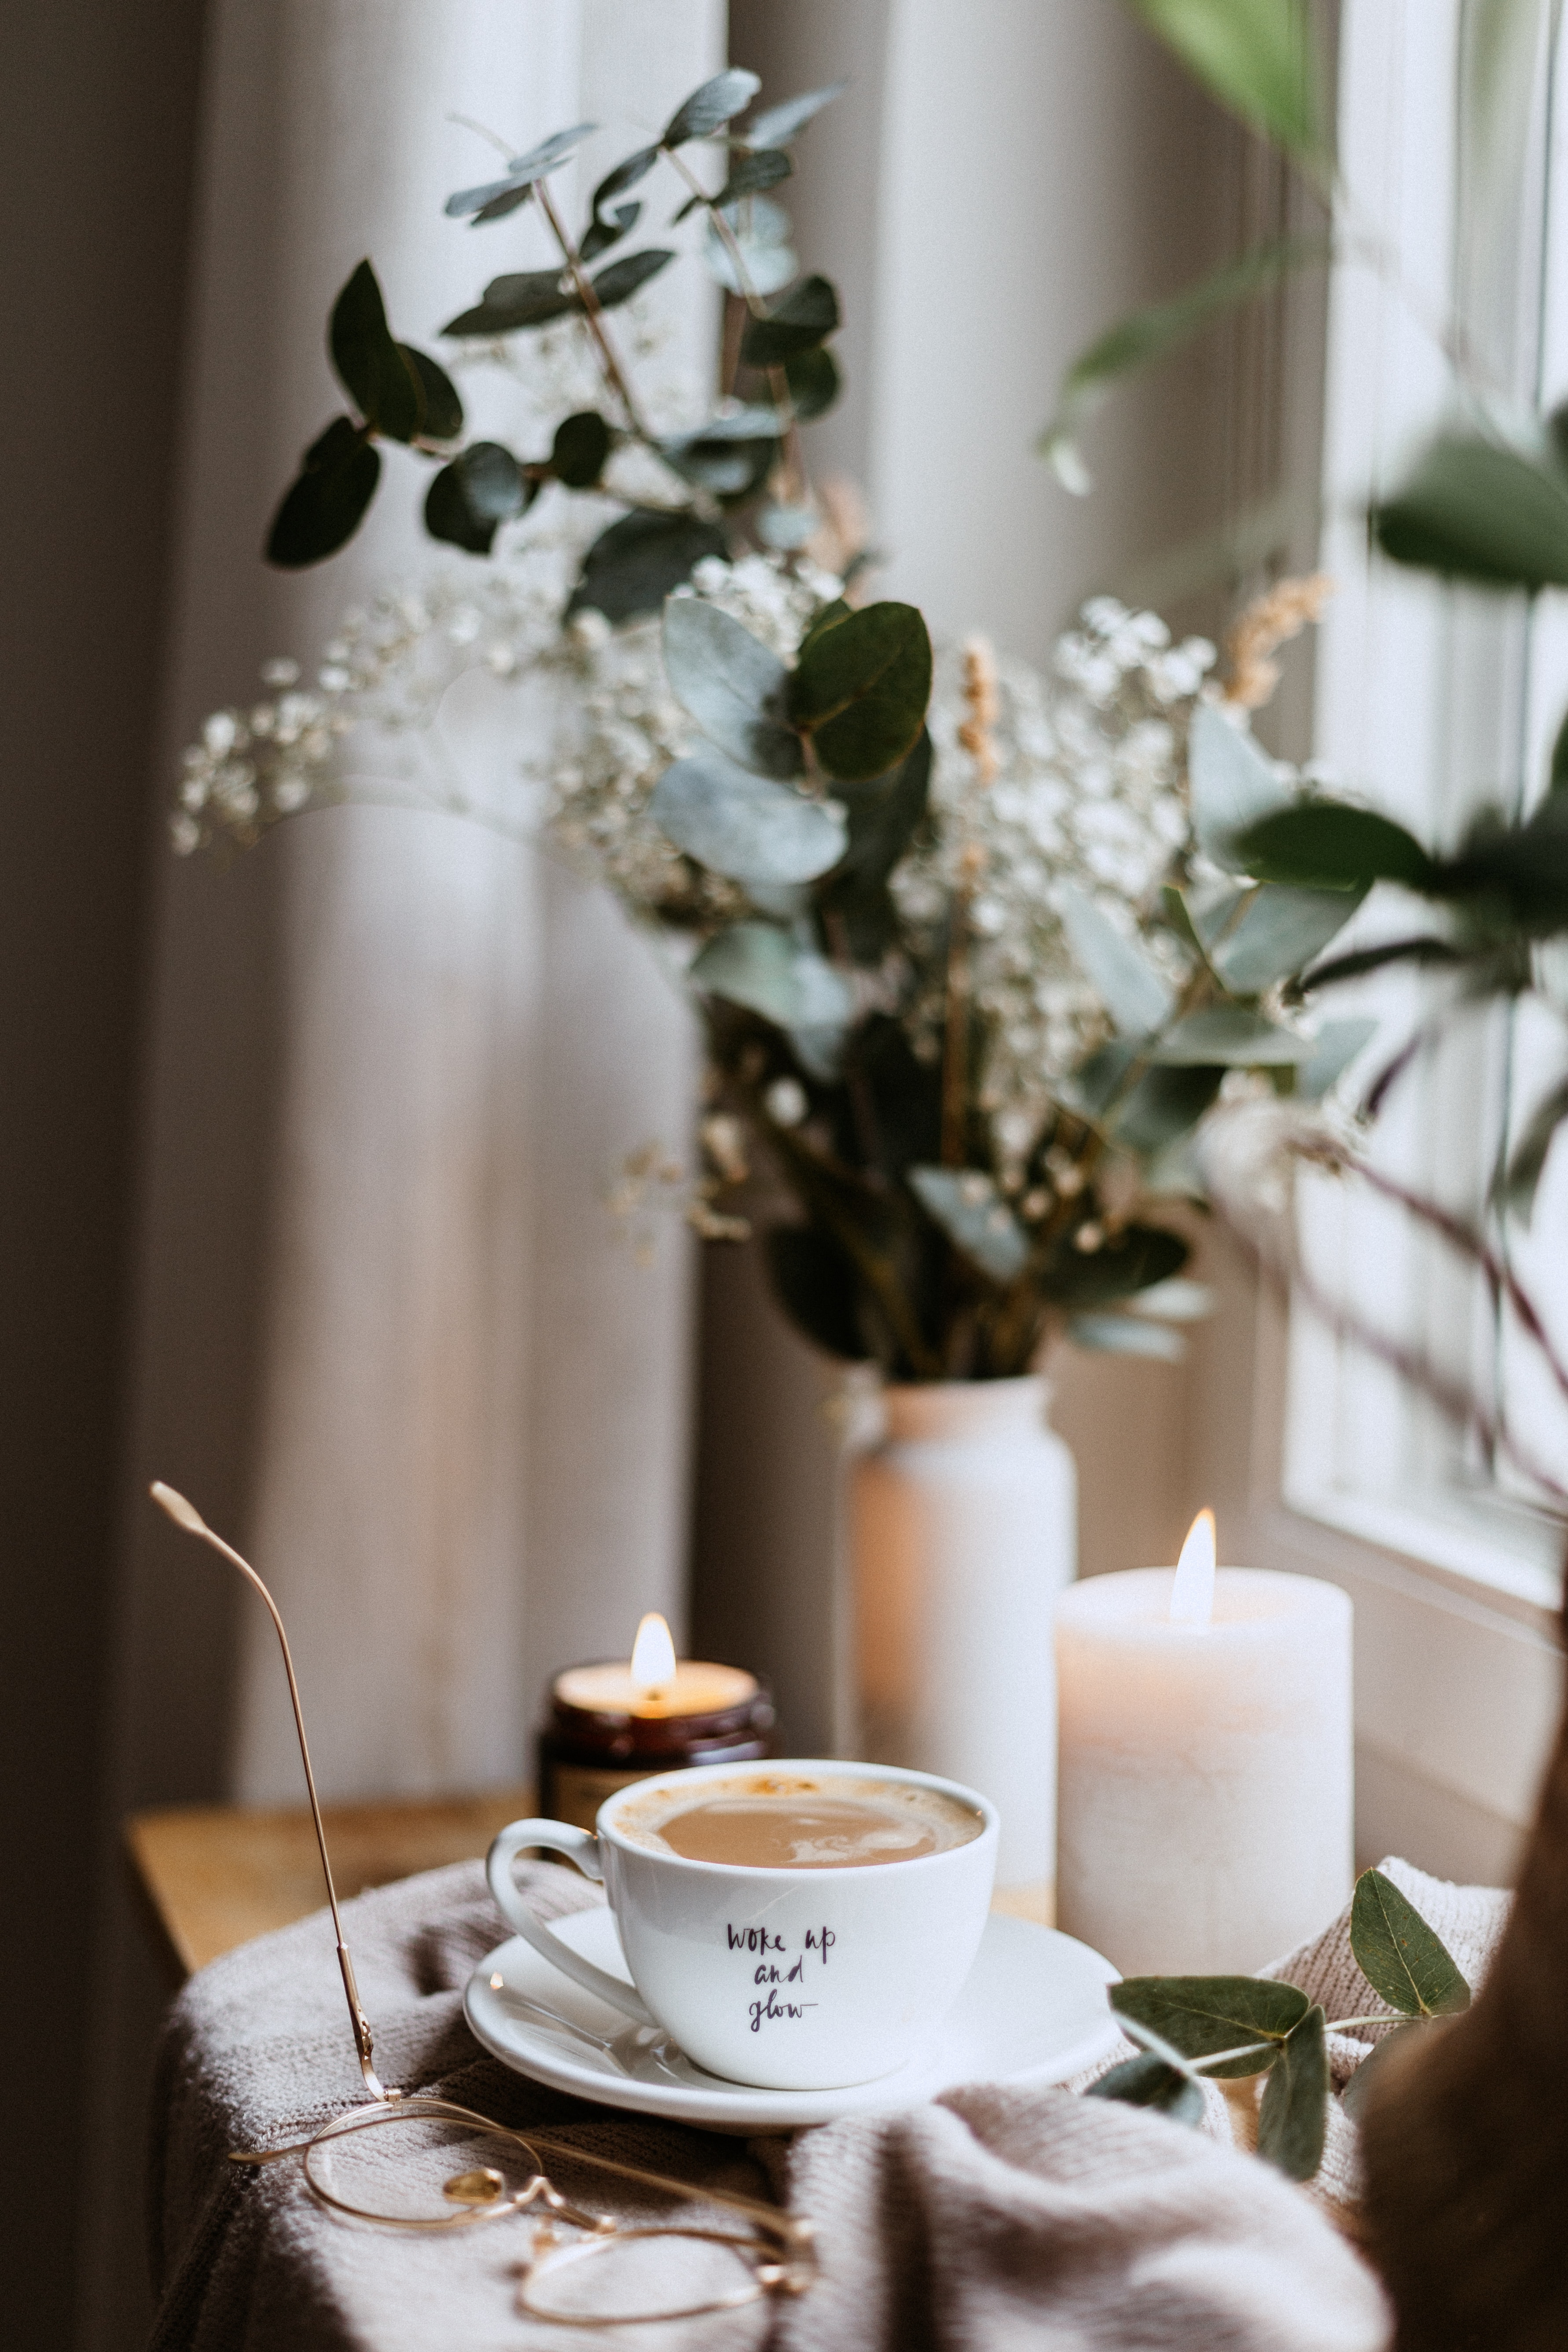 143877 Hintergrundbild herunterladen Kerzen, Coffee, Verschiedenes, Sonstige, Eine Tasse, Tasse, Gemütlichkeit, Komfort, Brille - Bildschirmschoner und Bilder kostenlos